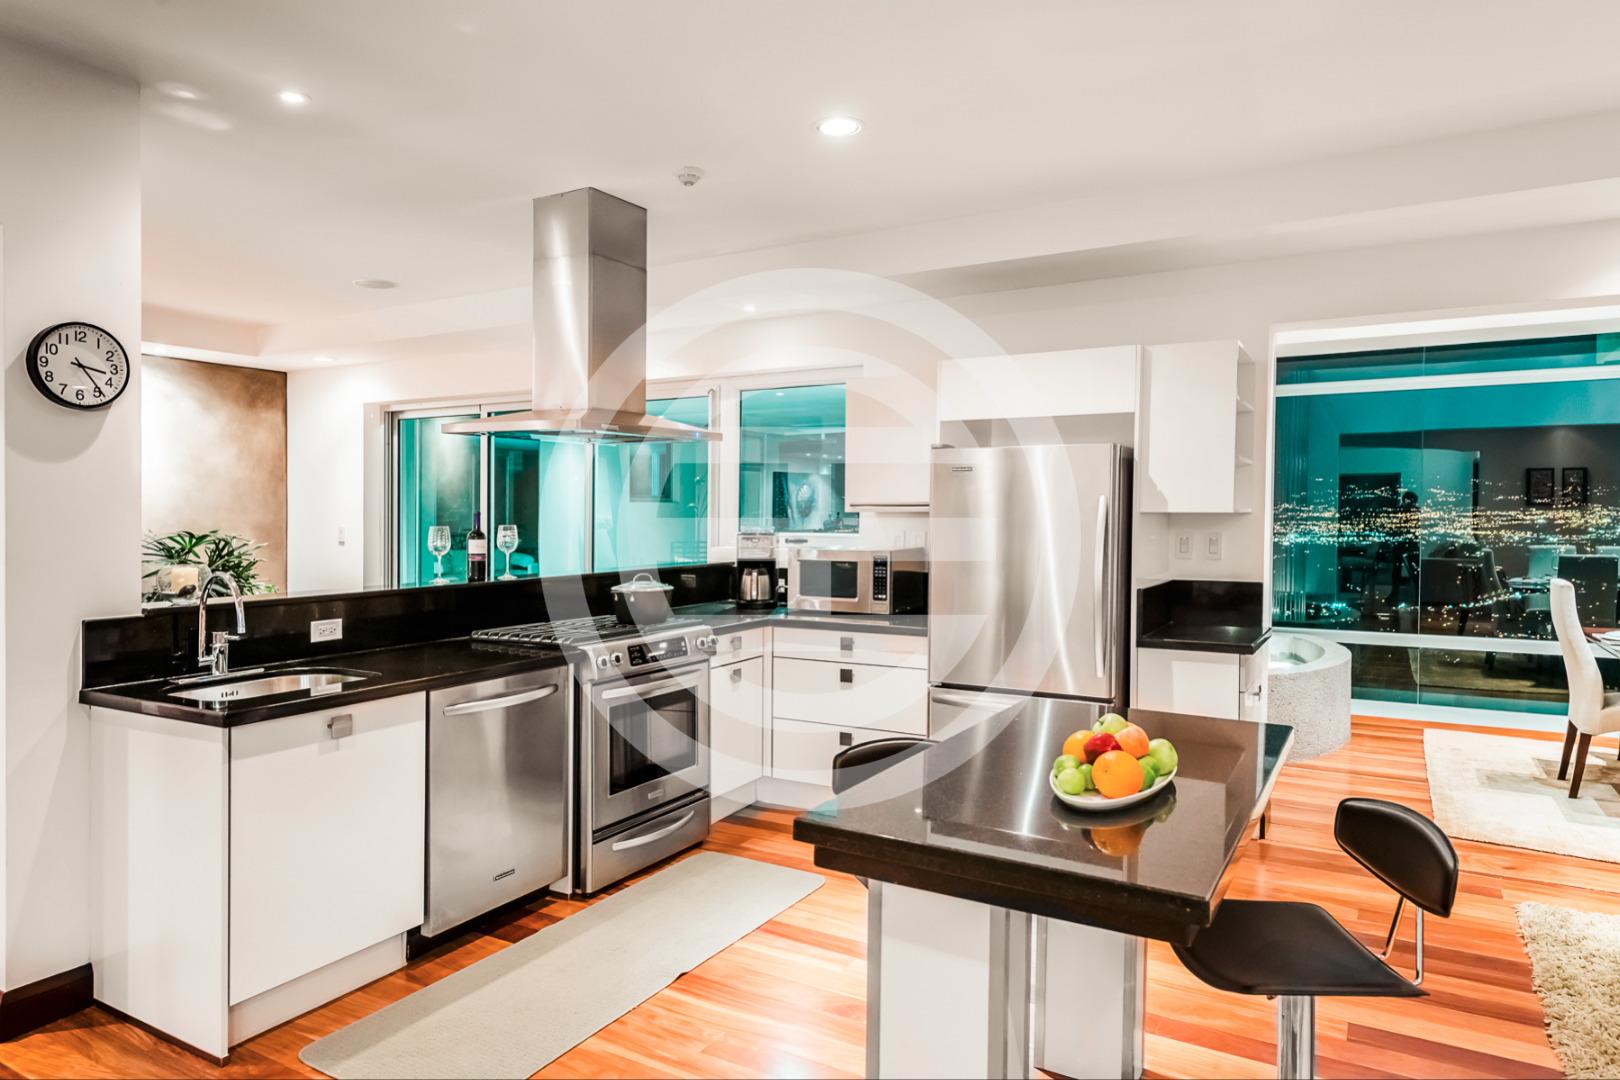 住宅内有三个现代化厨房,全部经过精心装修